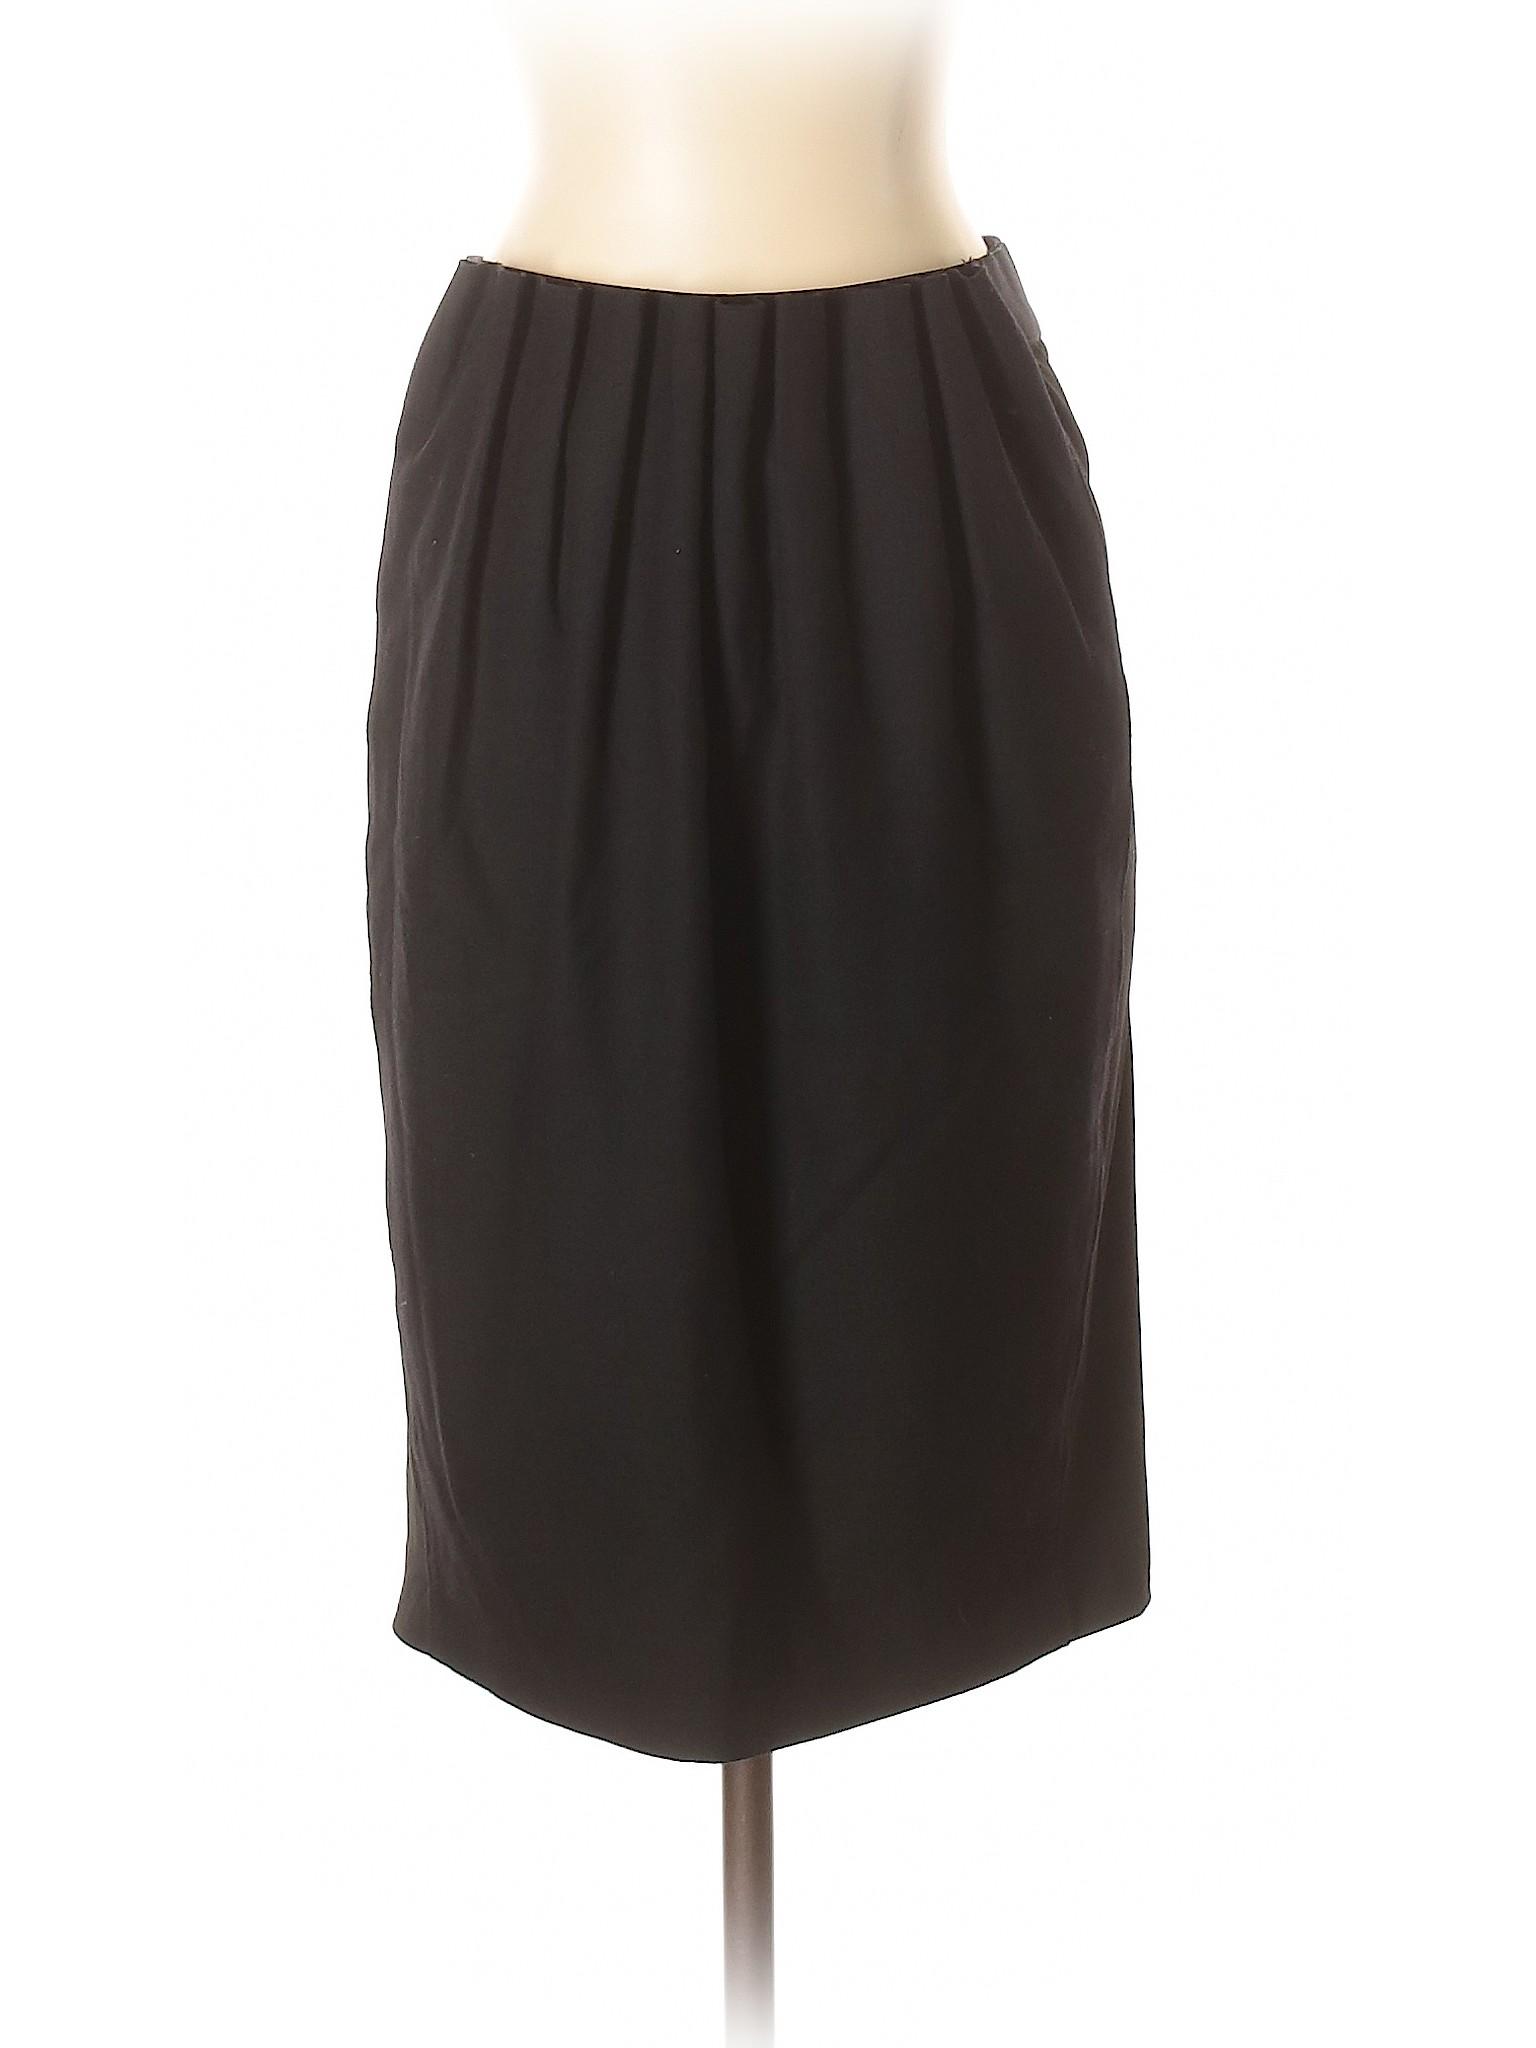 Wool Skirt Boutique Wool Boutique xOanPPY